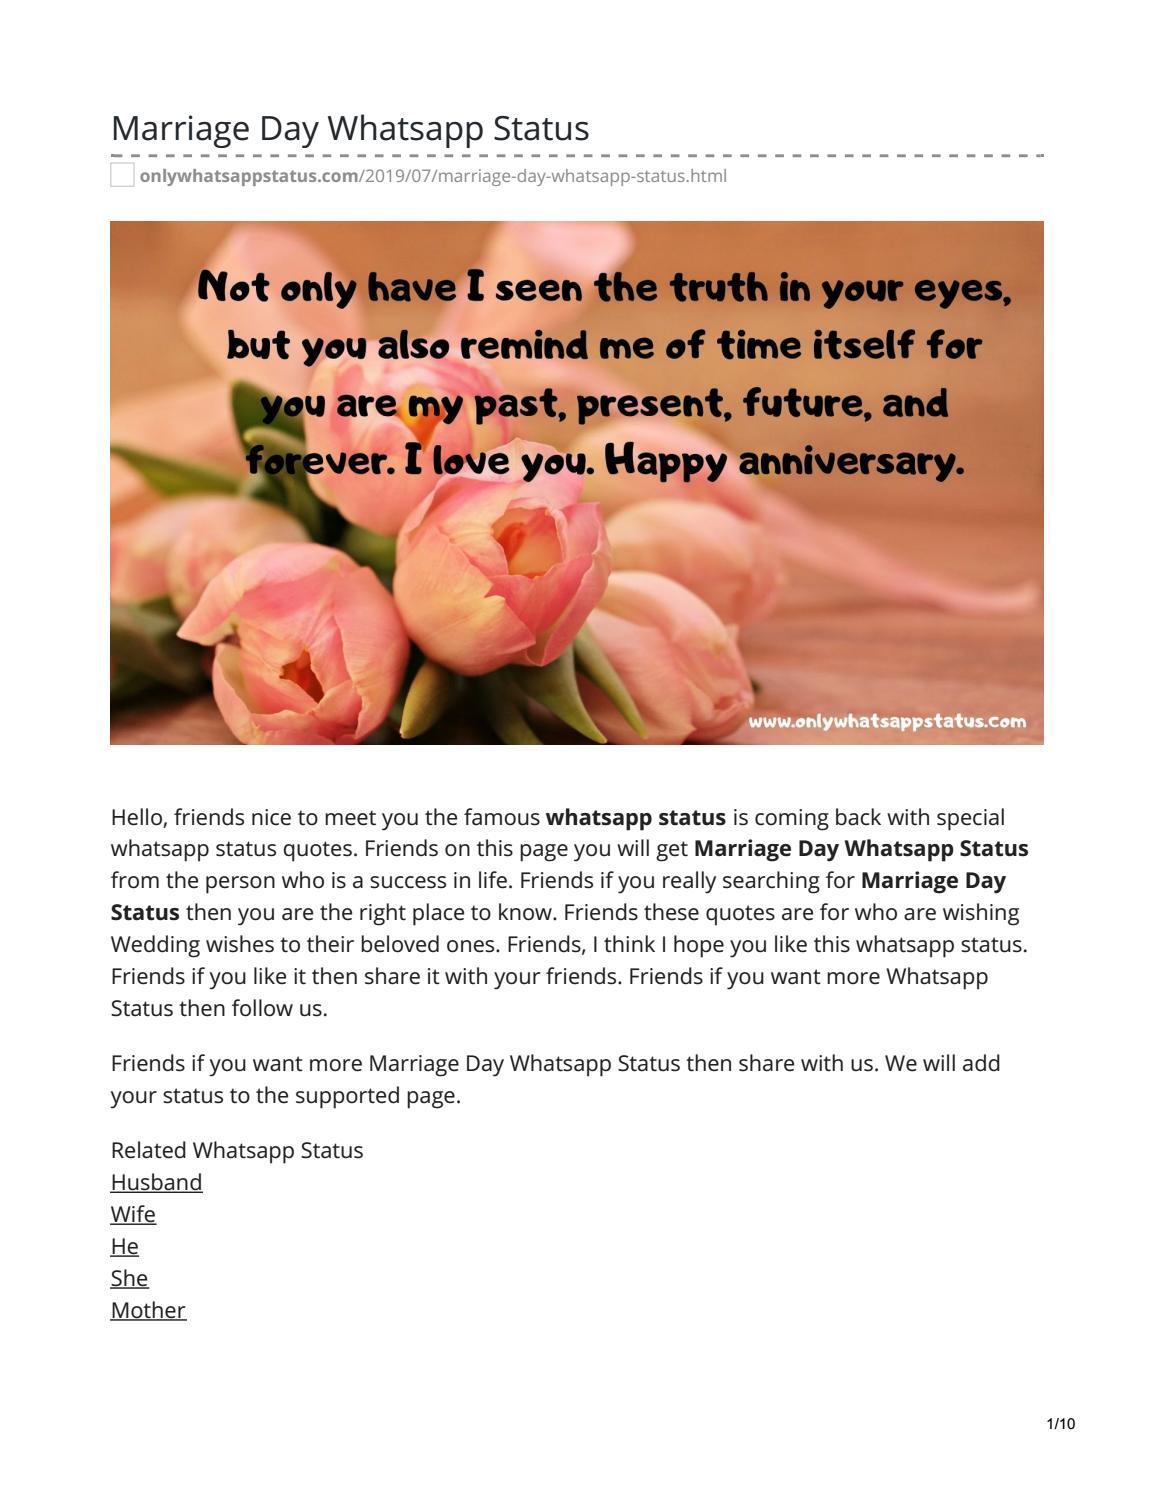 Marriage Day Whatsapp Status by whatsappstatus - issuu